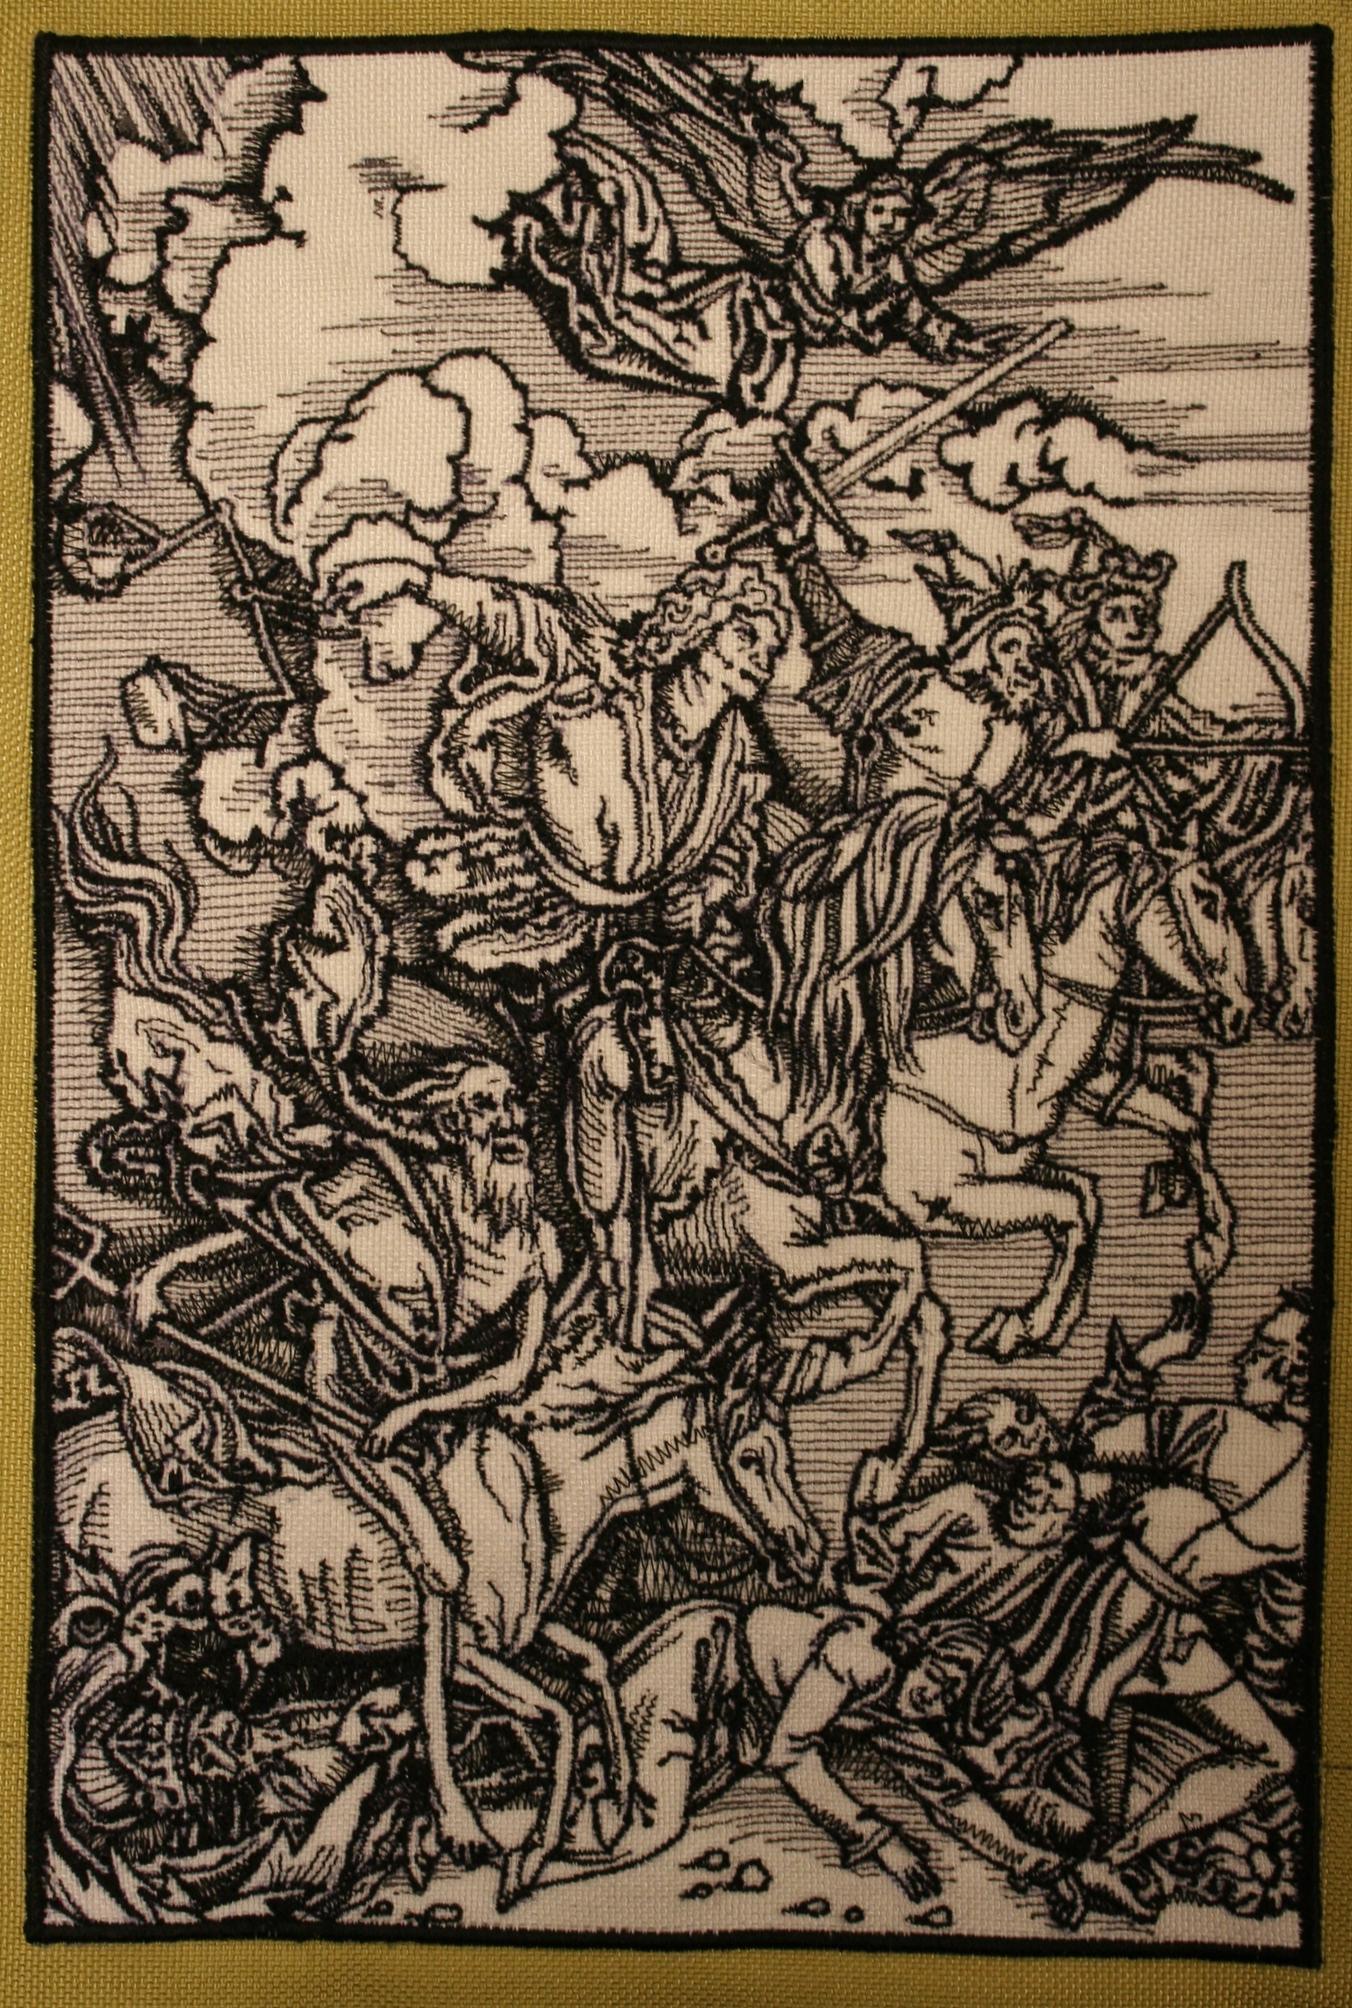 Interpretation of Albrecht Durer's  Four Horsemen of the Apocalypse.